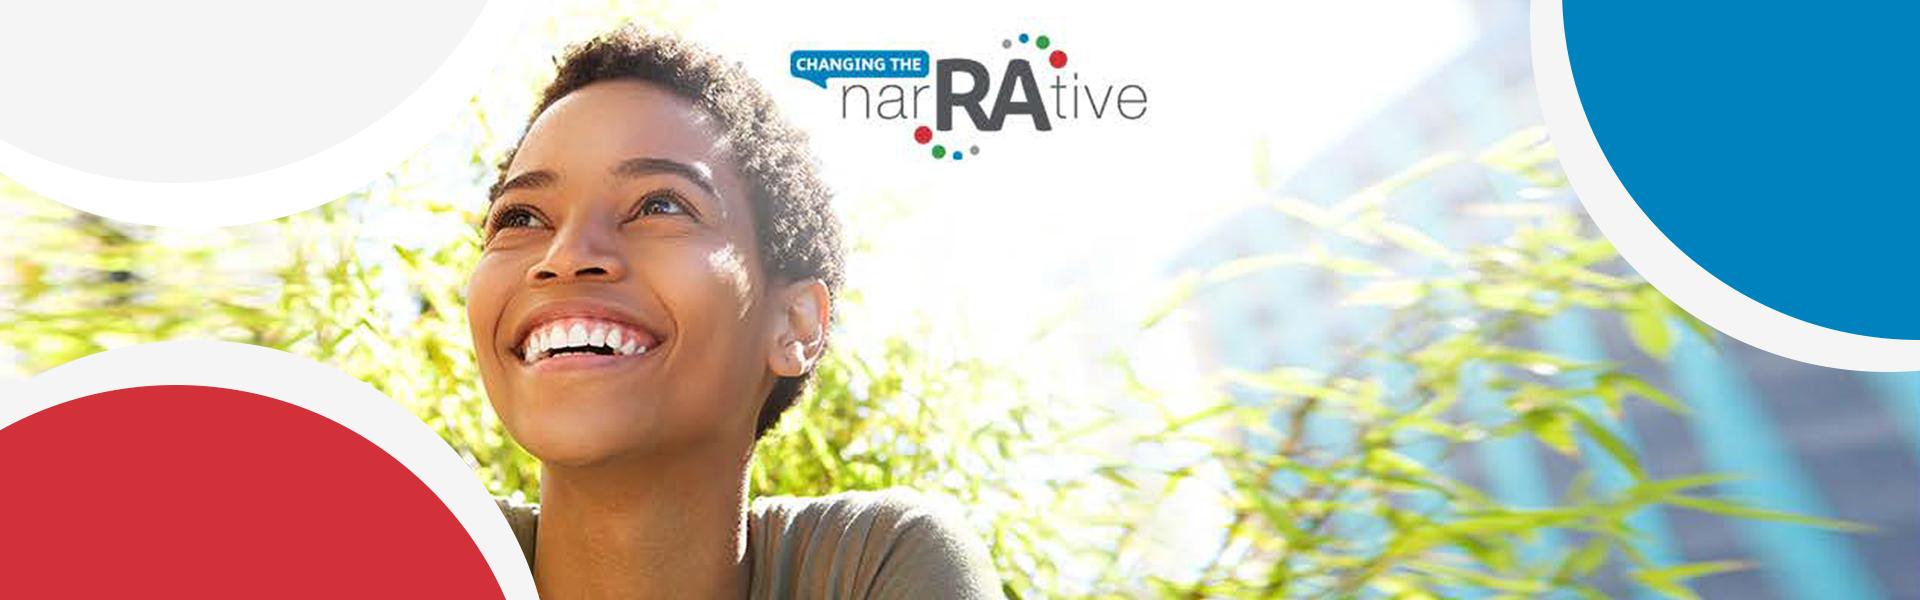 ra_narrative_1920x600_C.jpg